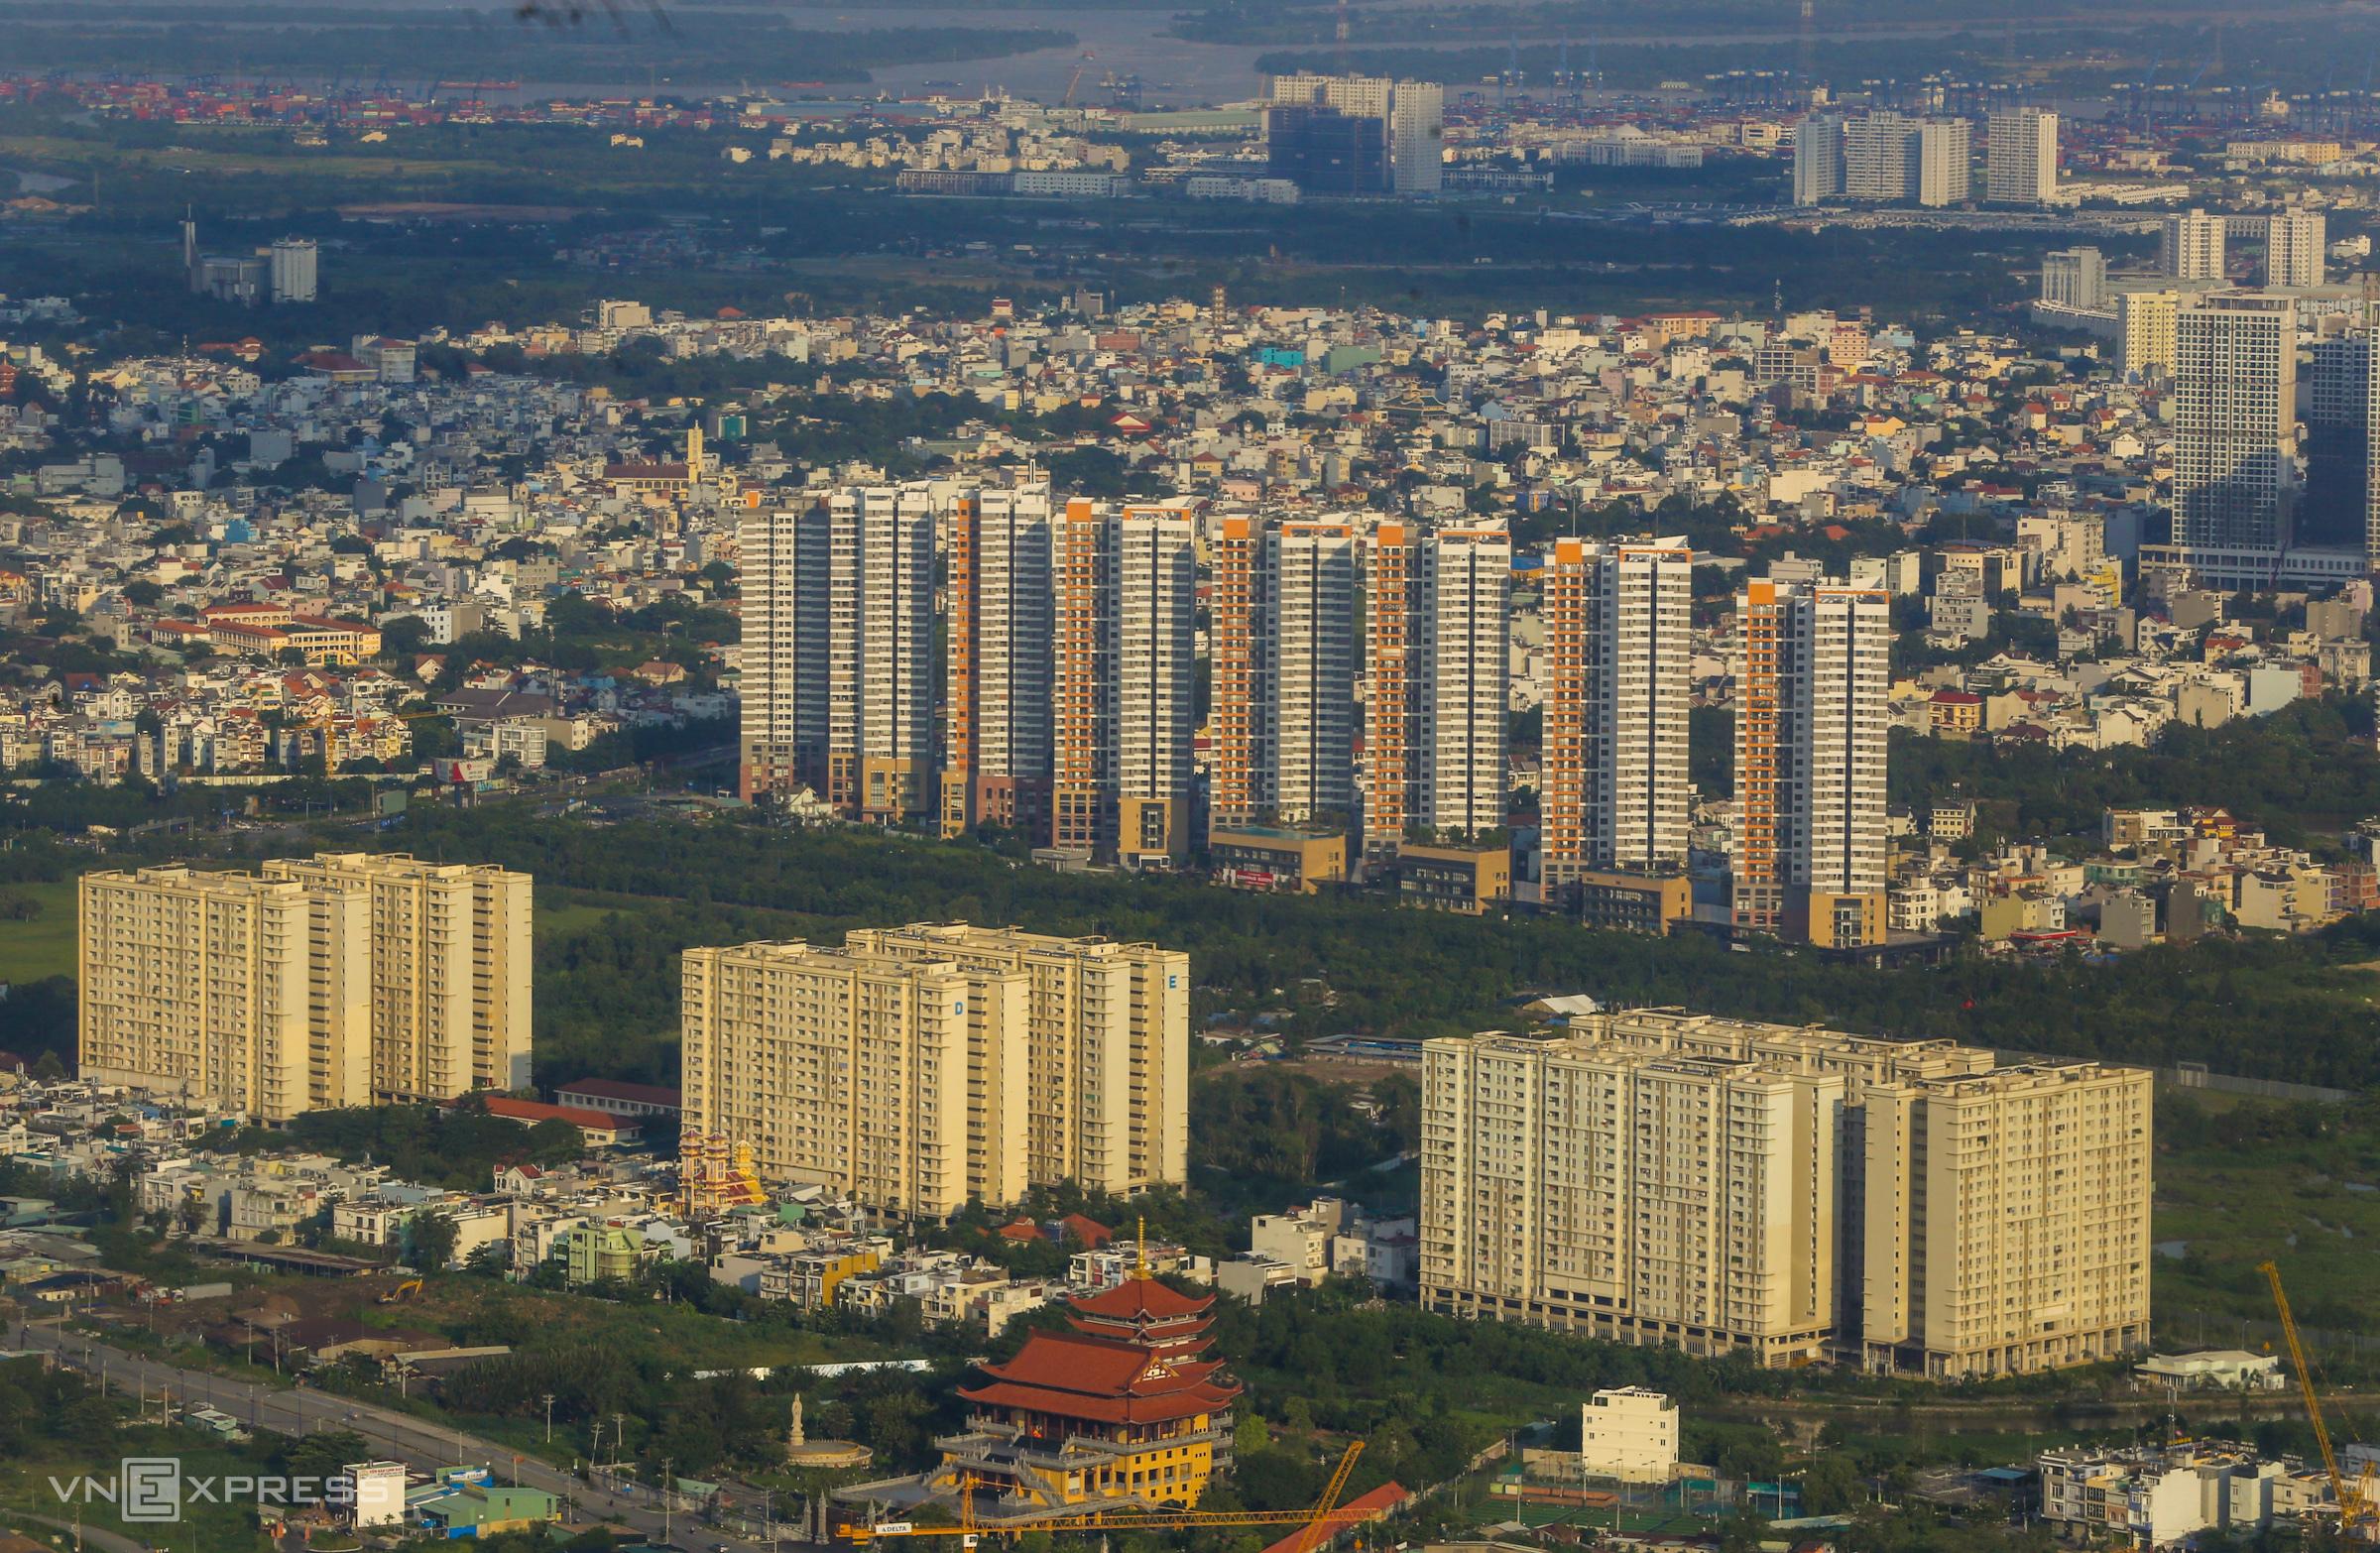 Thị trường căn hộ phía Đông TP HCM. Ảnh: Quỳnh Trần